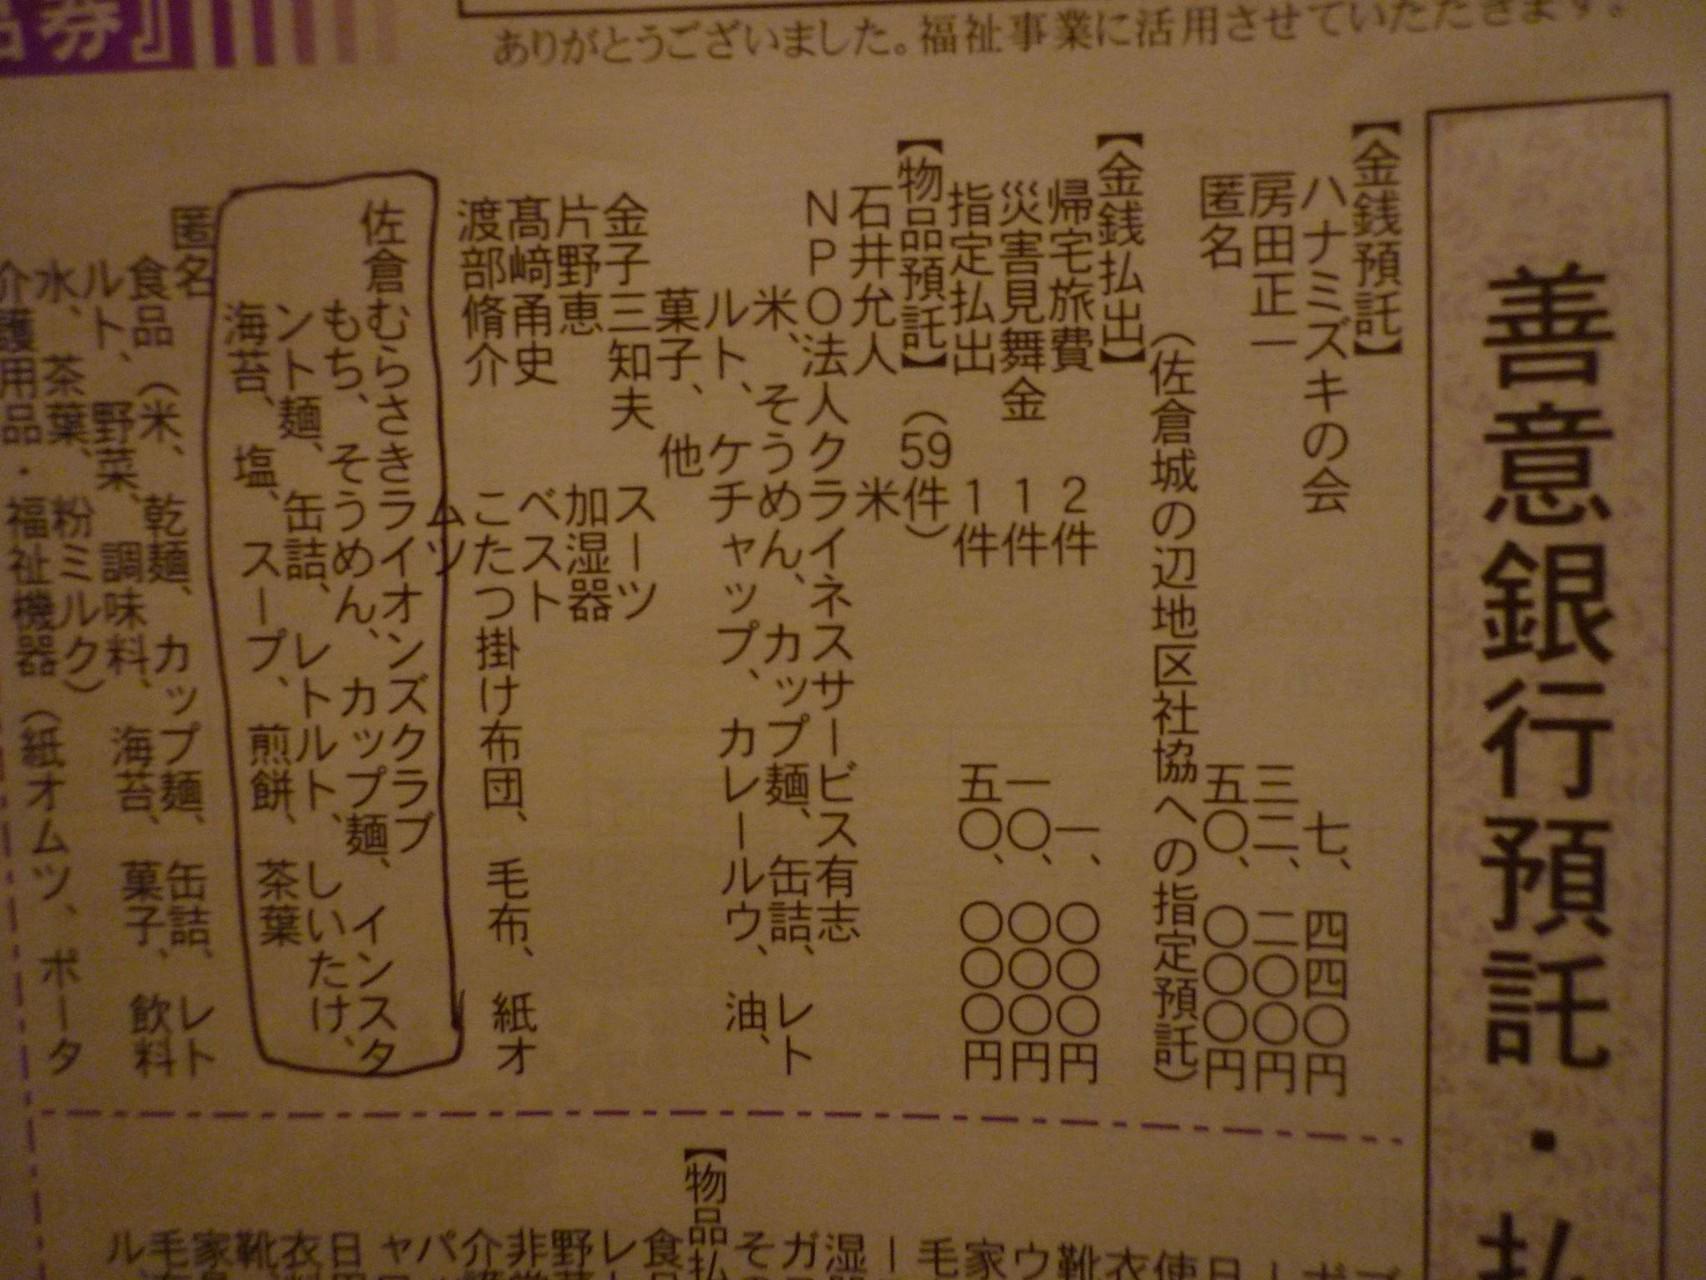 「フードバンク」支援が、佐倉市社会福祉協議会発行の「社協さくら」に掲載。